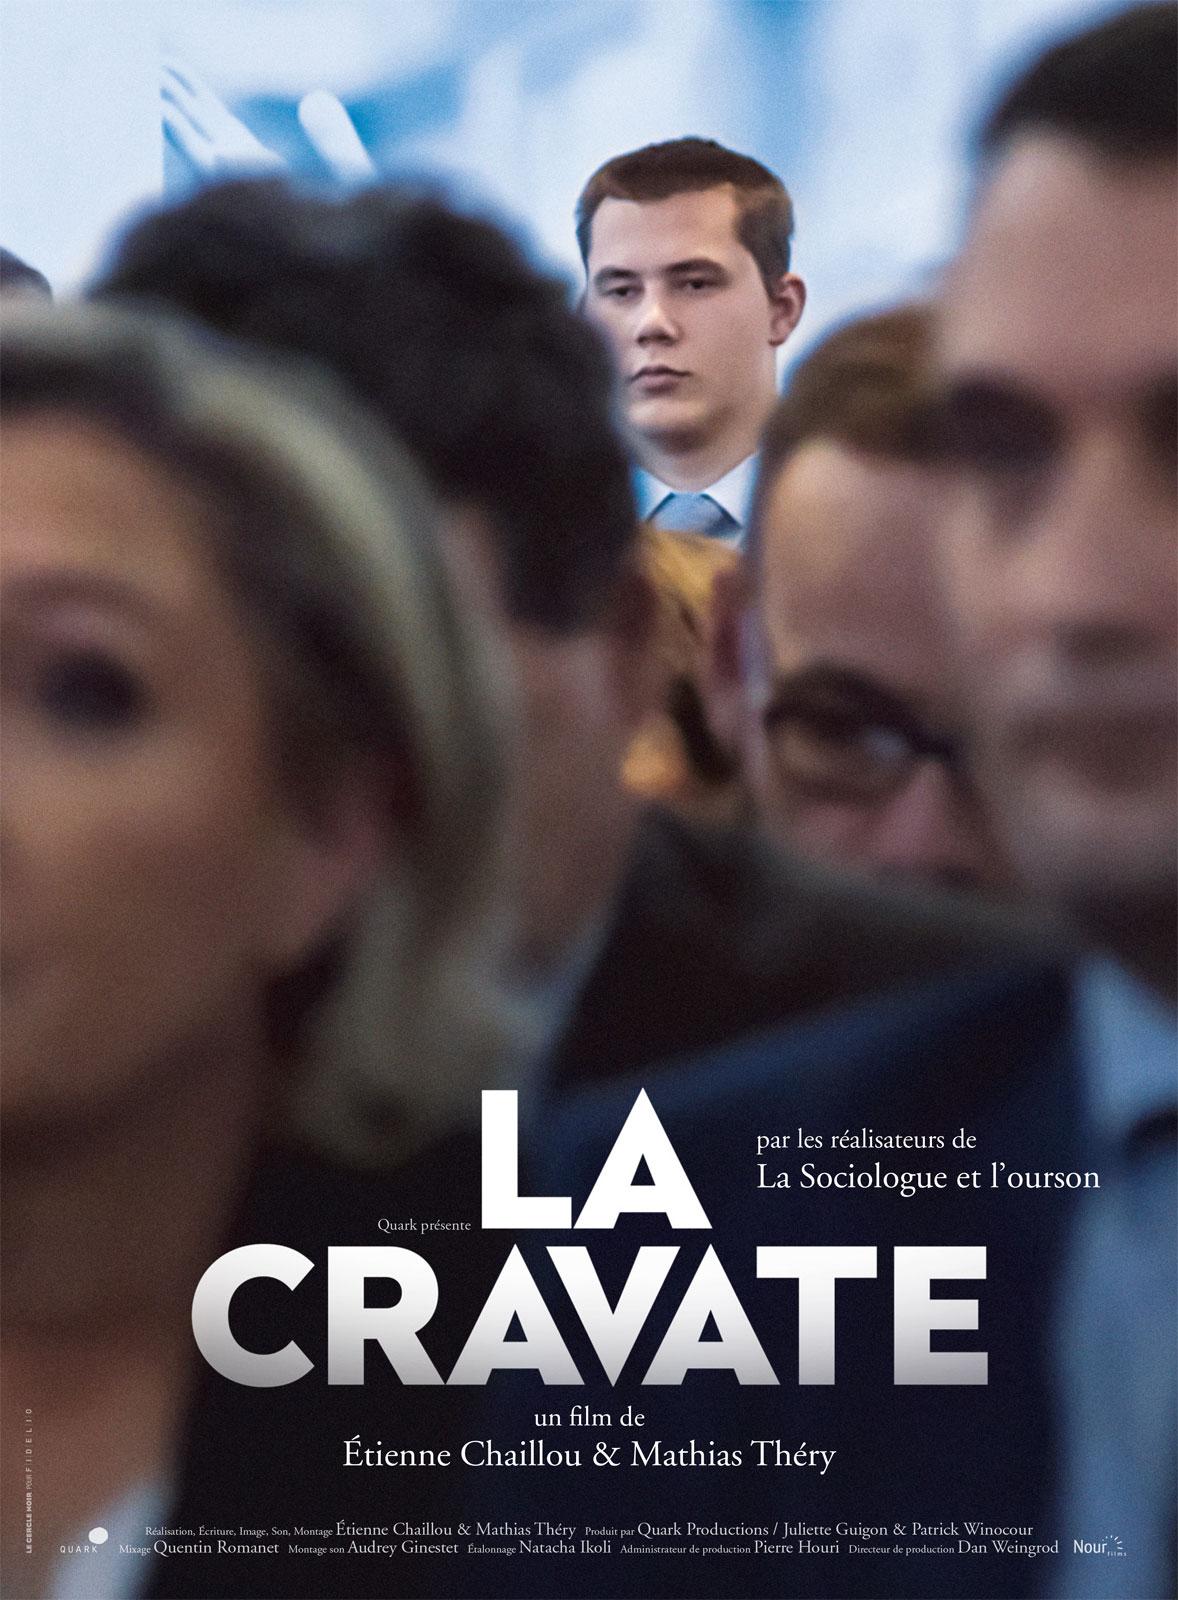 Image du film La Cravate